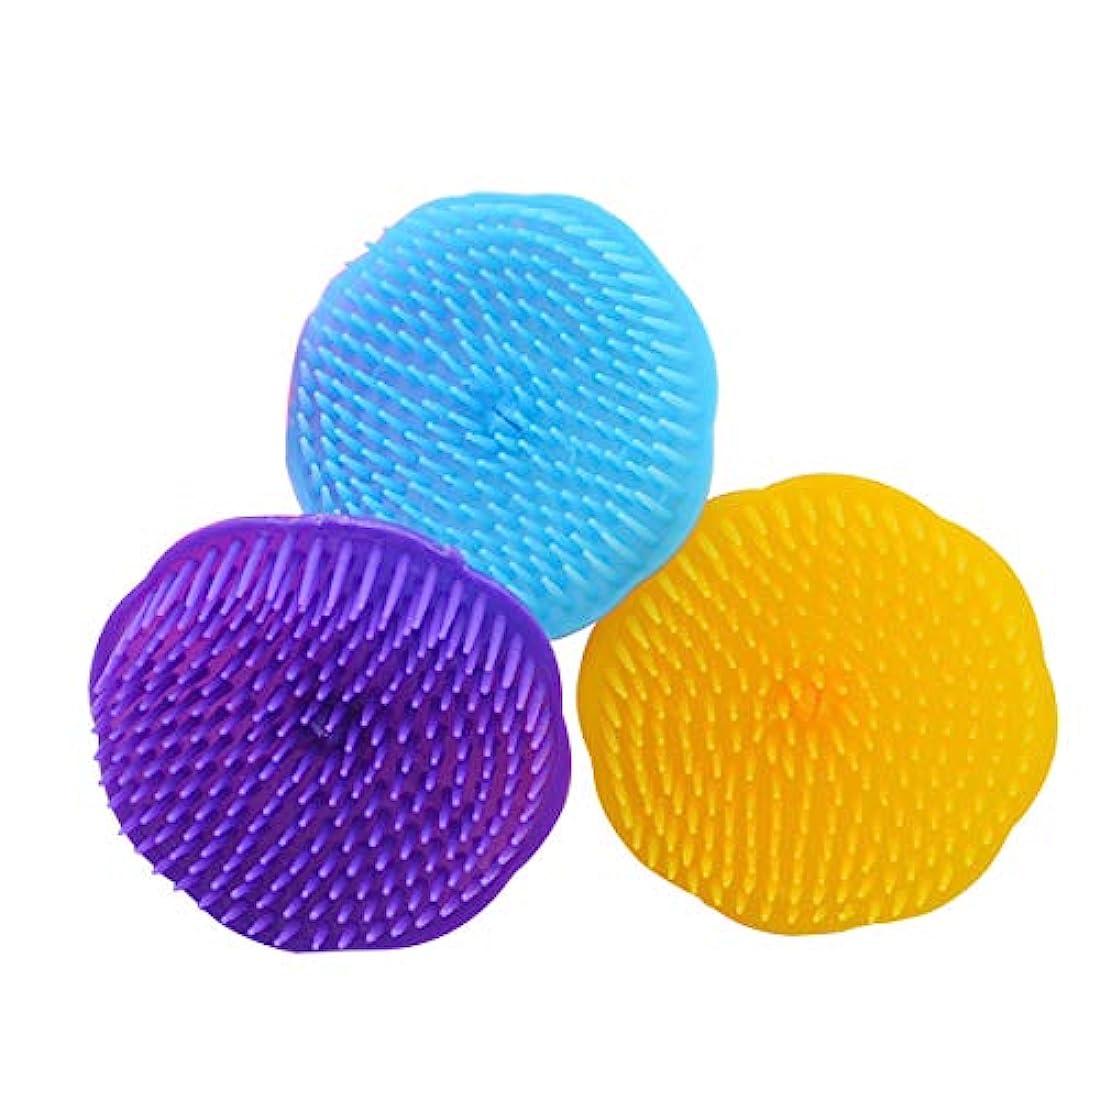 かご調べる故意のSUPVOX ヘアマッサージブラシ シャワーシャンプー頭皮ブラシヘッドボディマッサージスパスリミングブラシ3PCS(ランダムカラー)